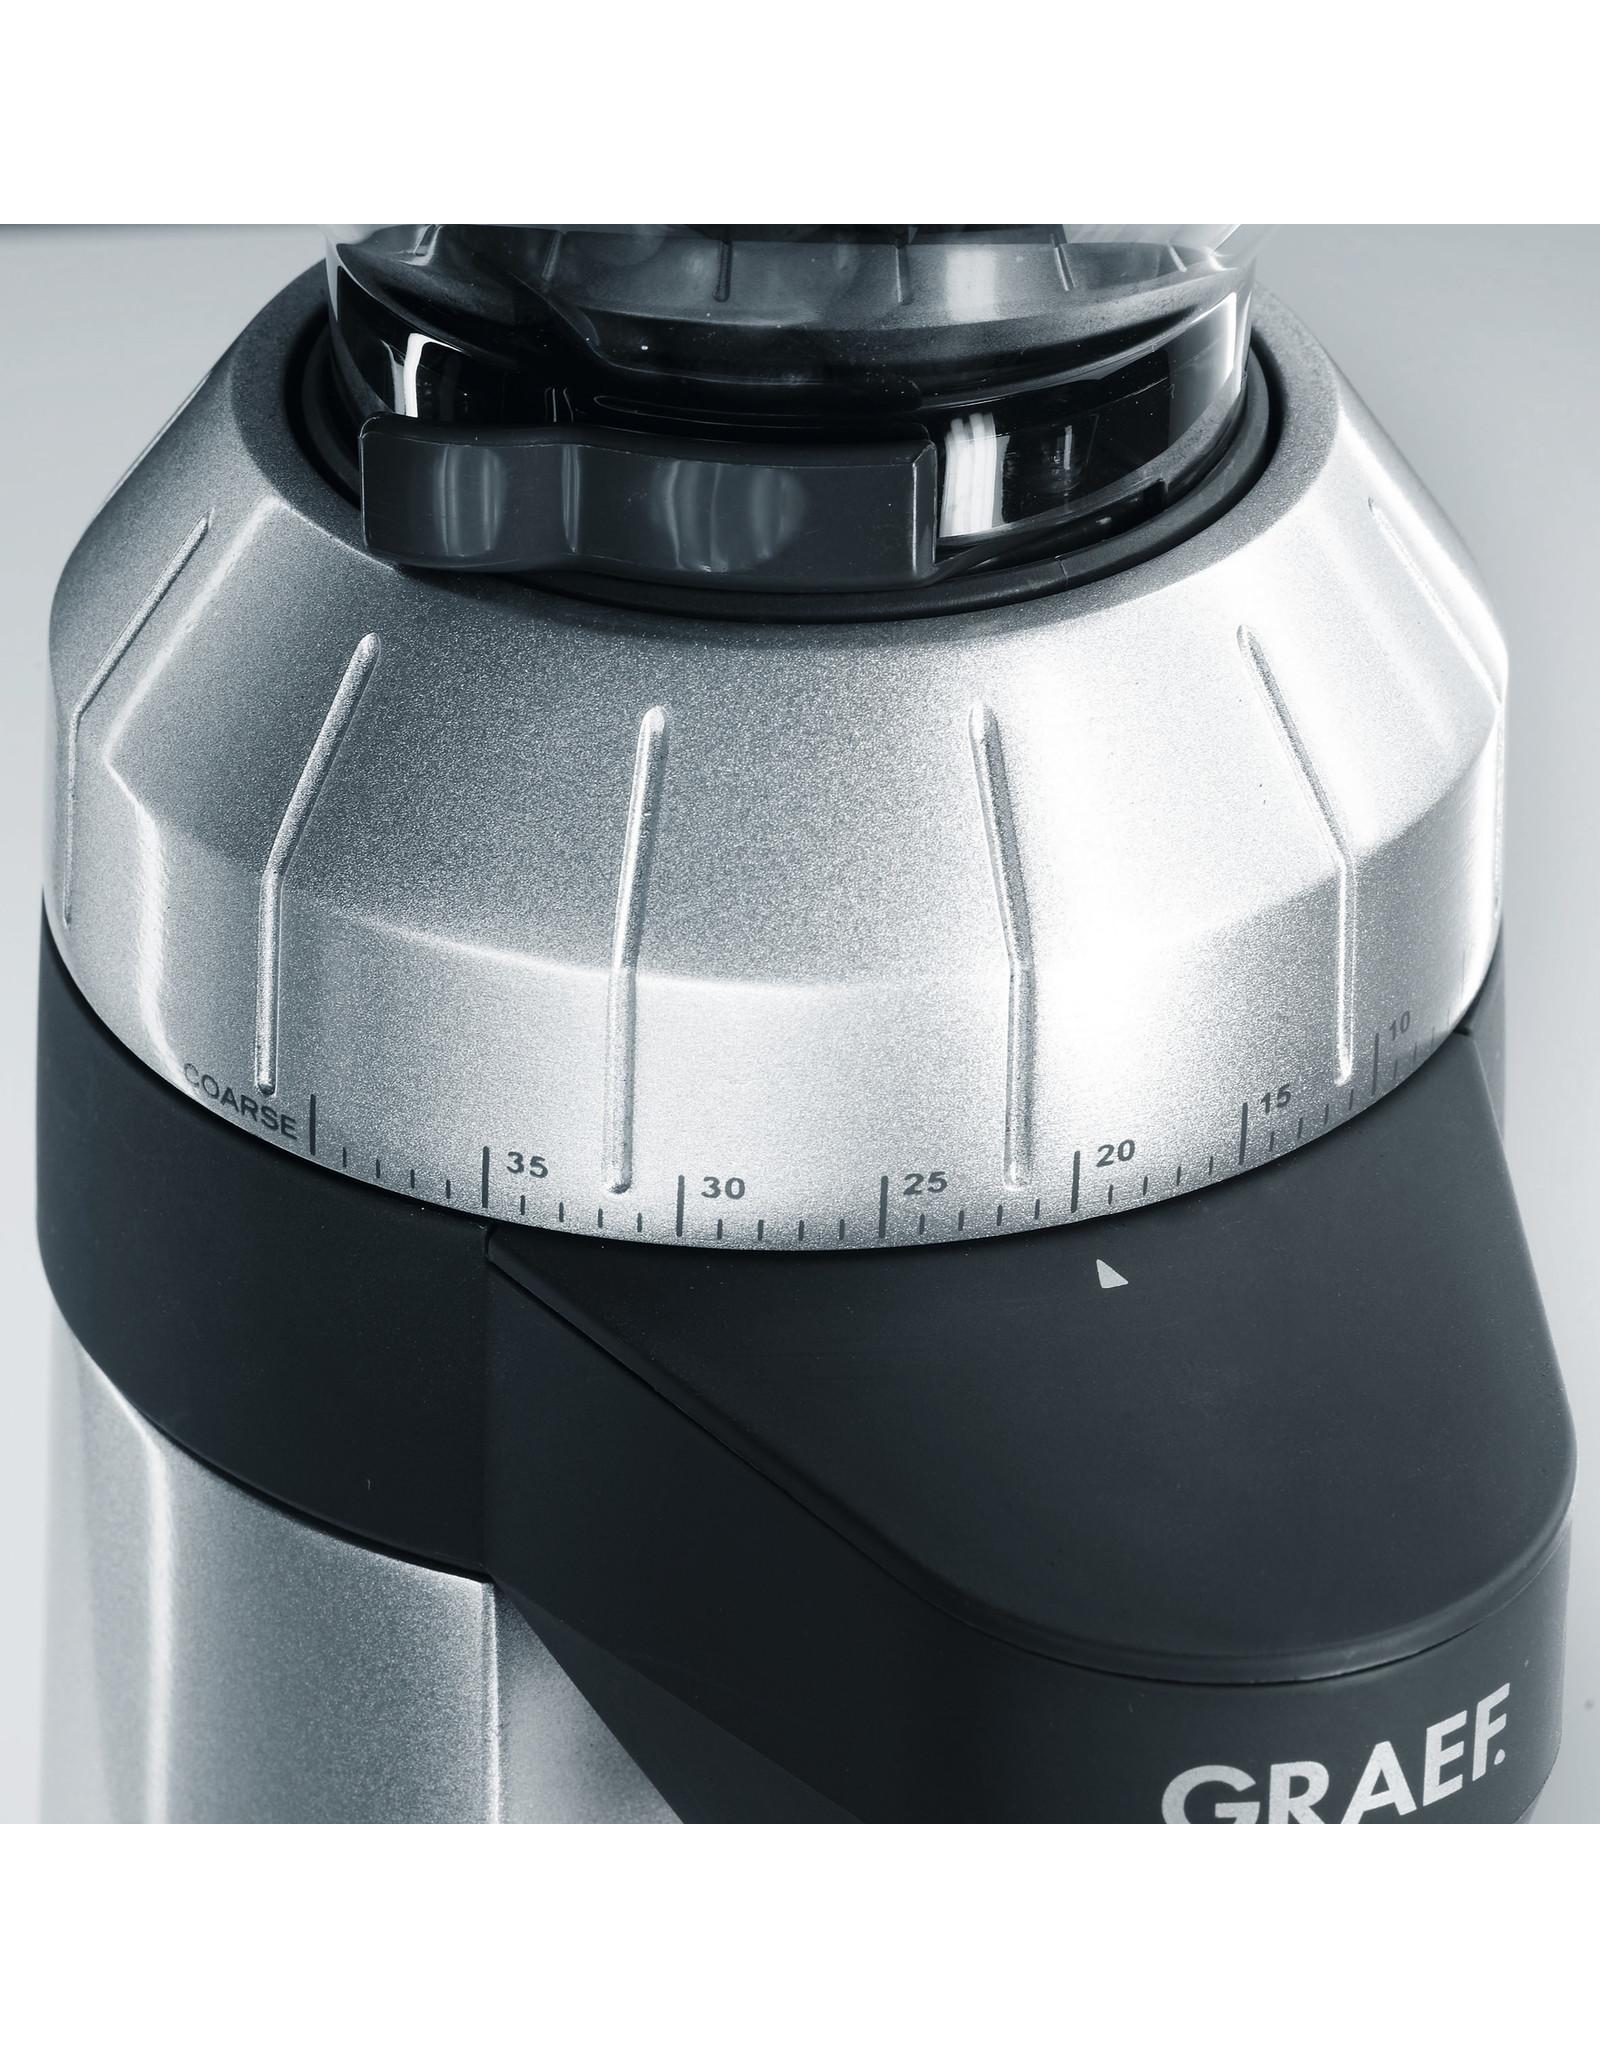 GRAEF GRAEF 458001 CM800 KOFFIEMOLEN